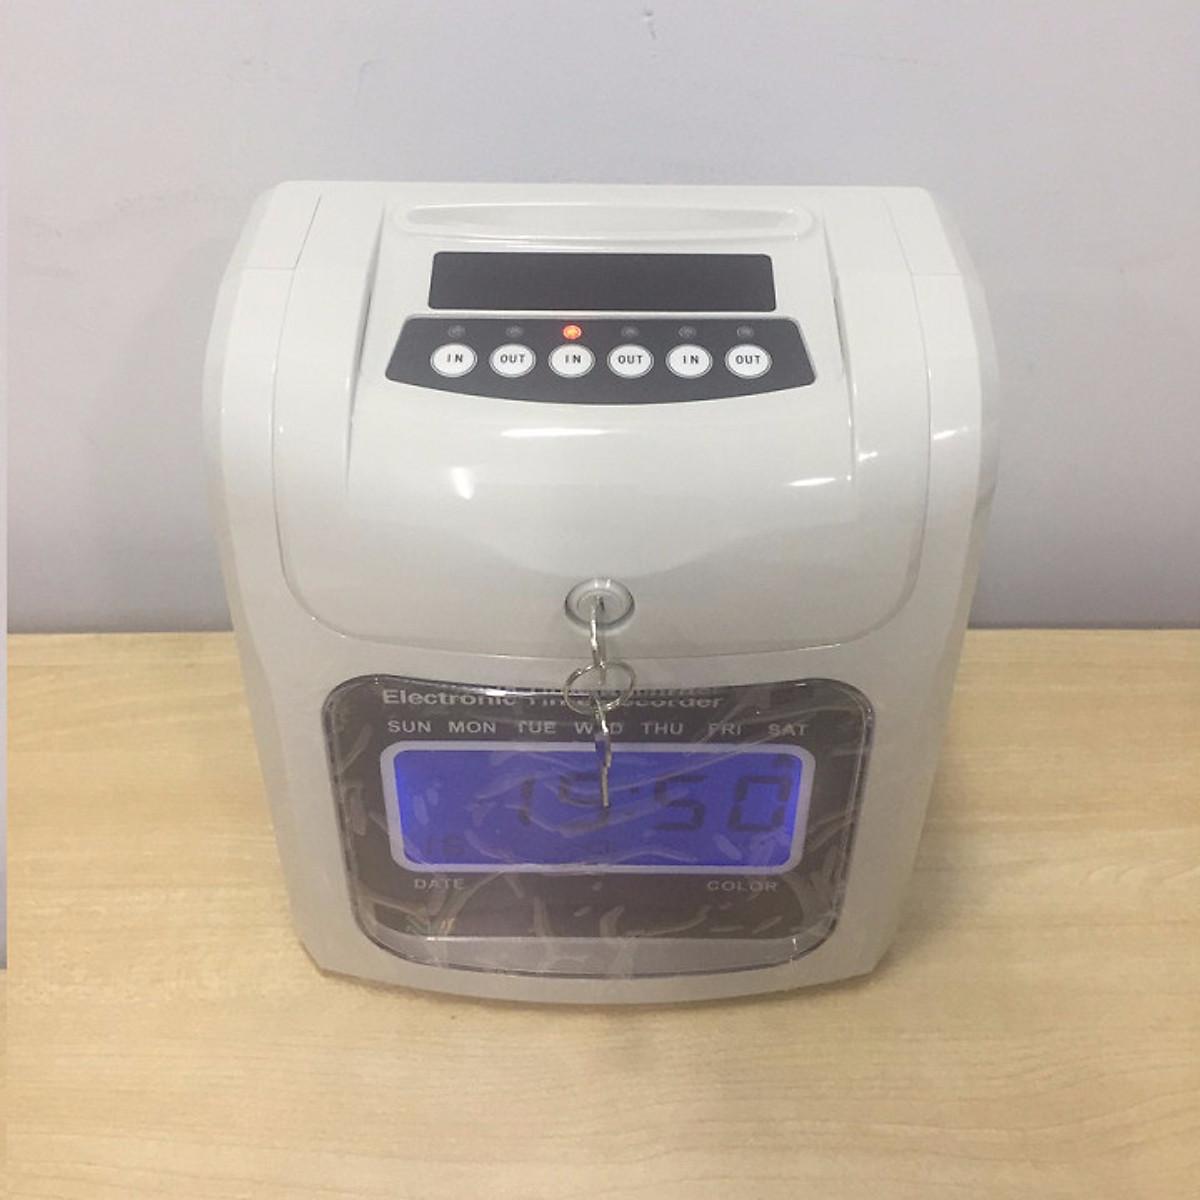 Máy chấm công thẻ giấy đồng hồ điện tử A08 ( hàng nhập khẩu)